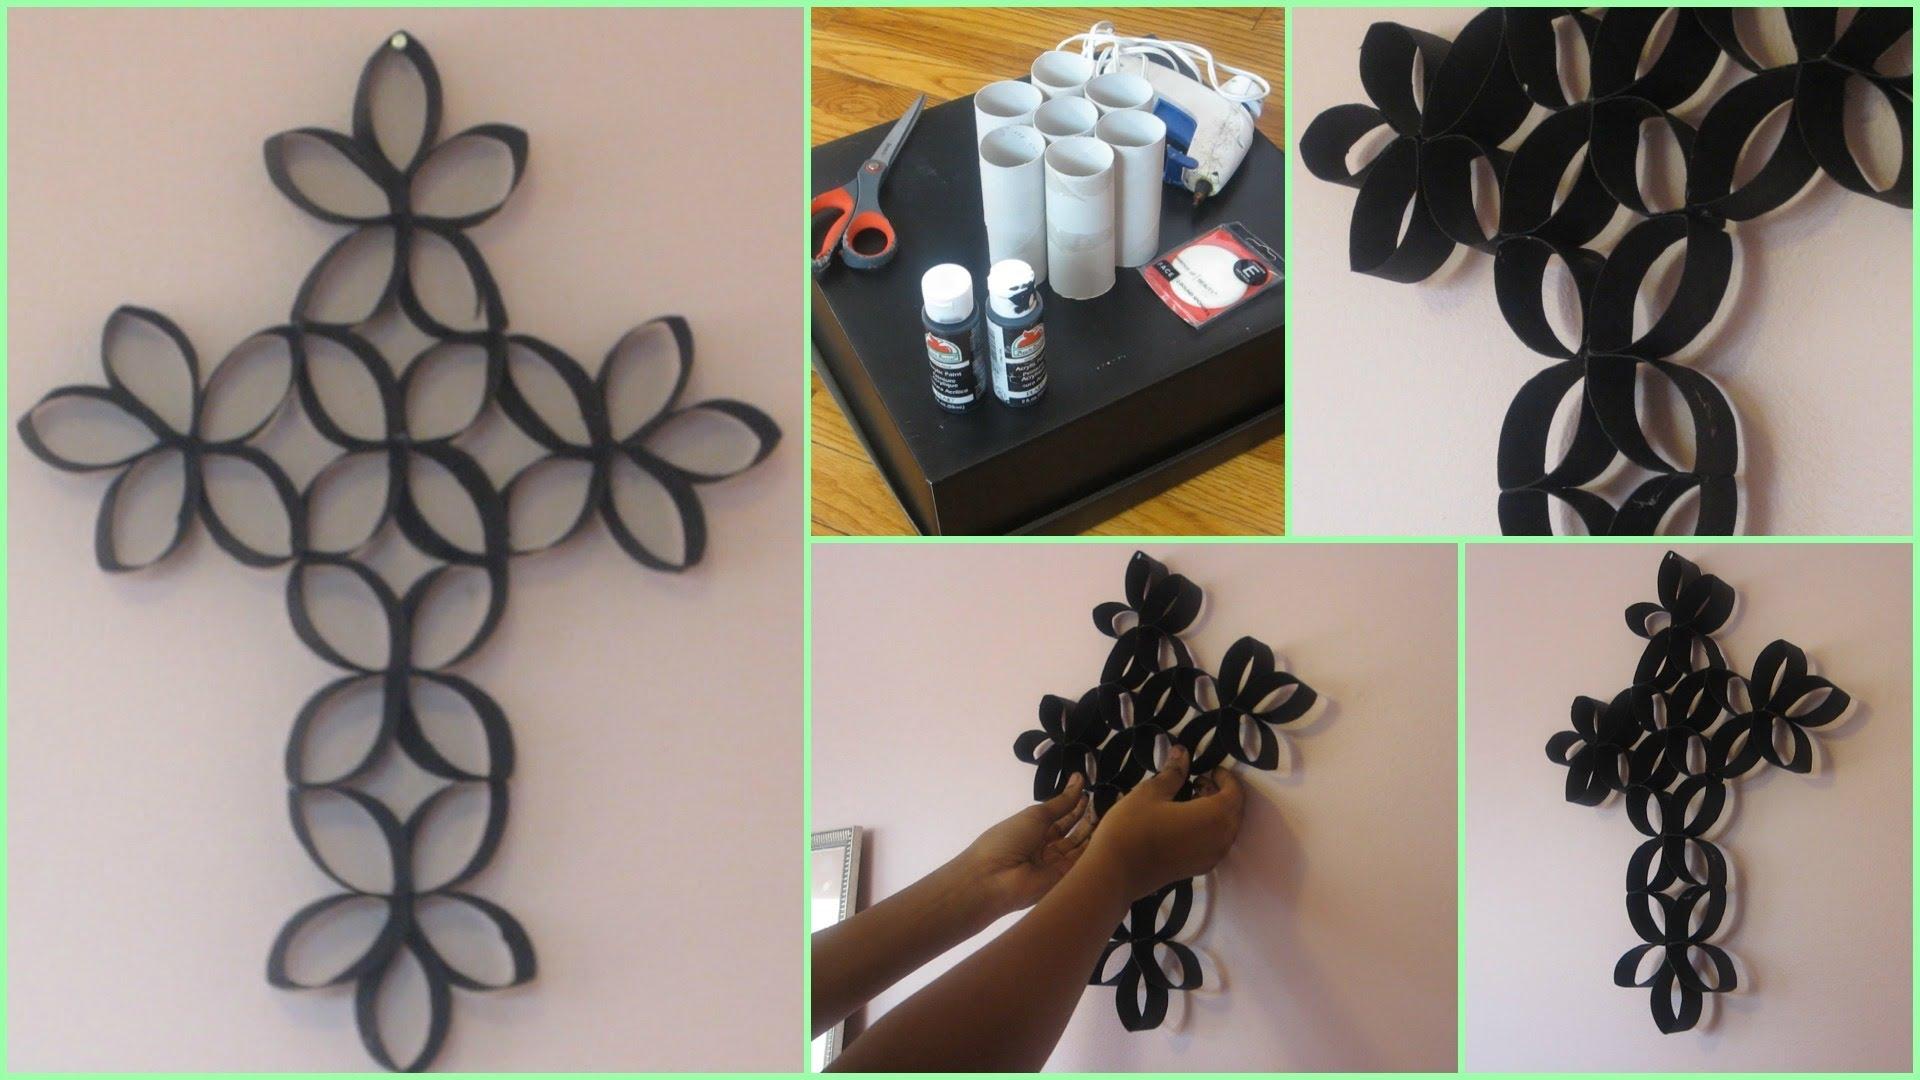 Diy 3d Paper Roll Flower Wall Art